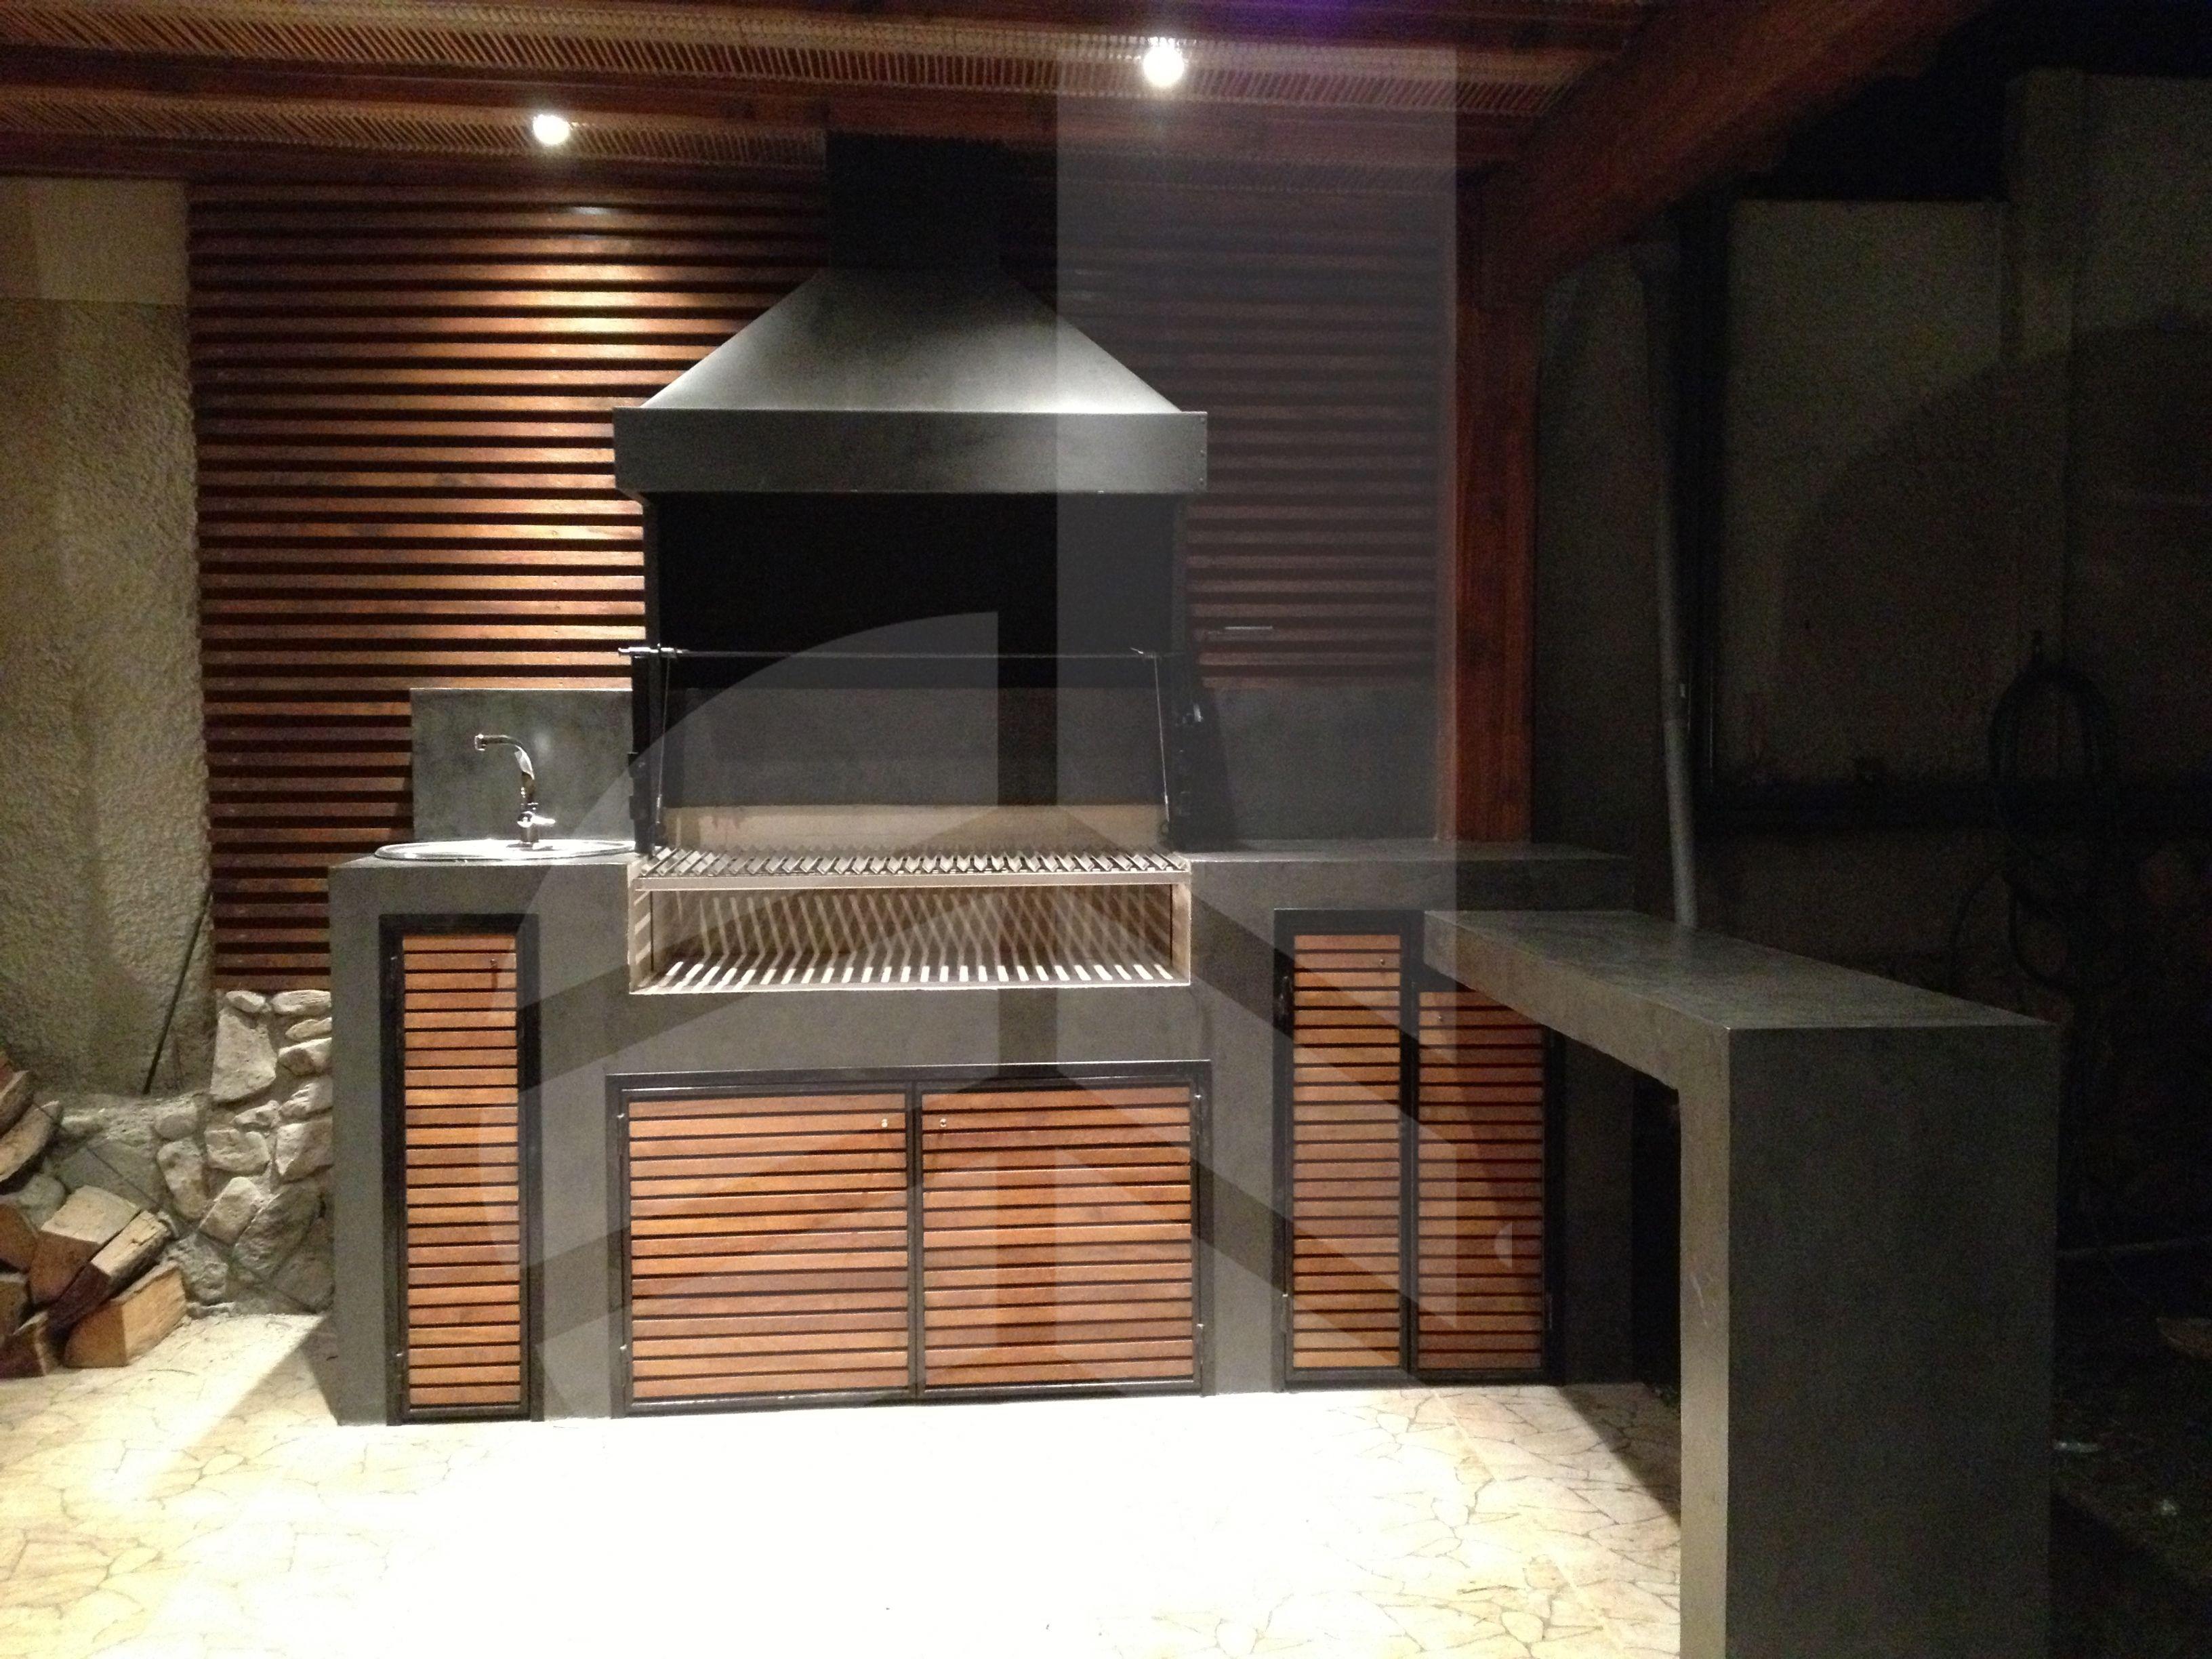 Detalle de quincho iluminado | Arquitectura | Pinterest | Quinchos ...